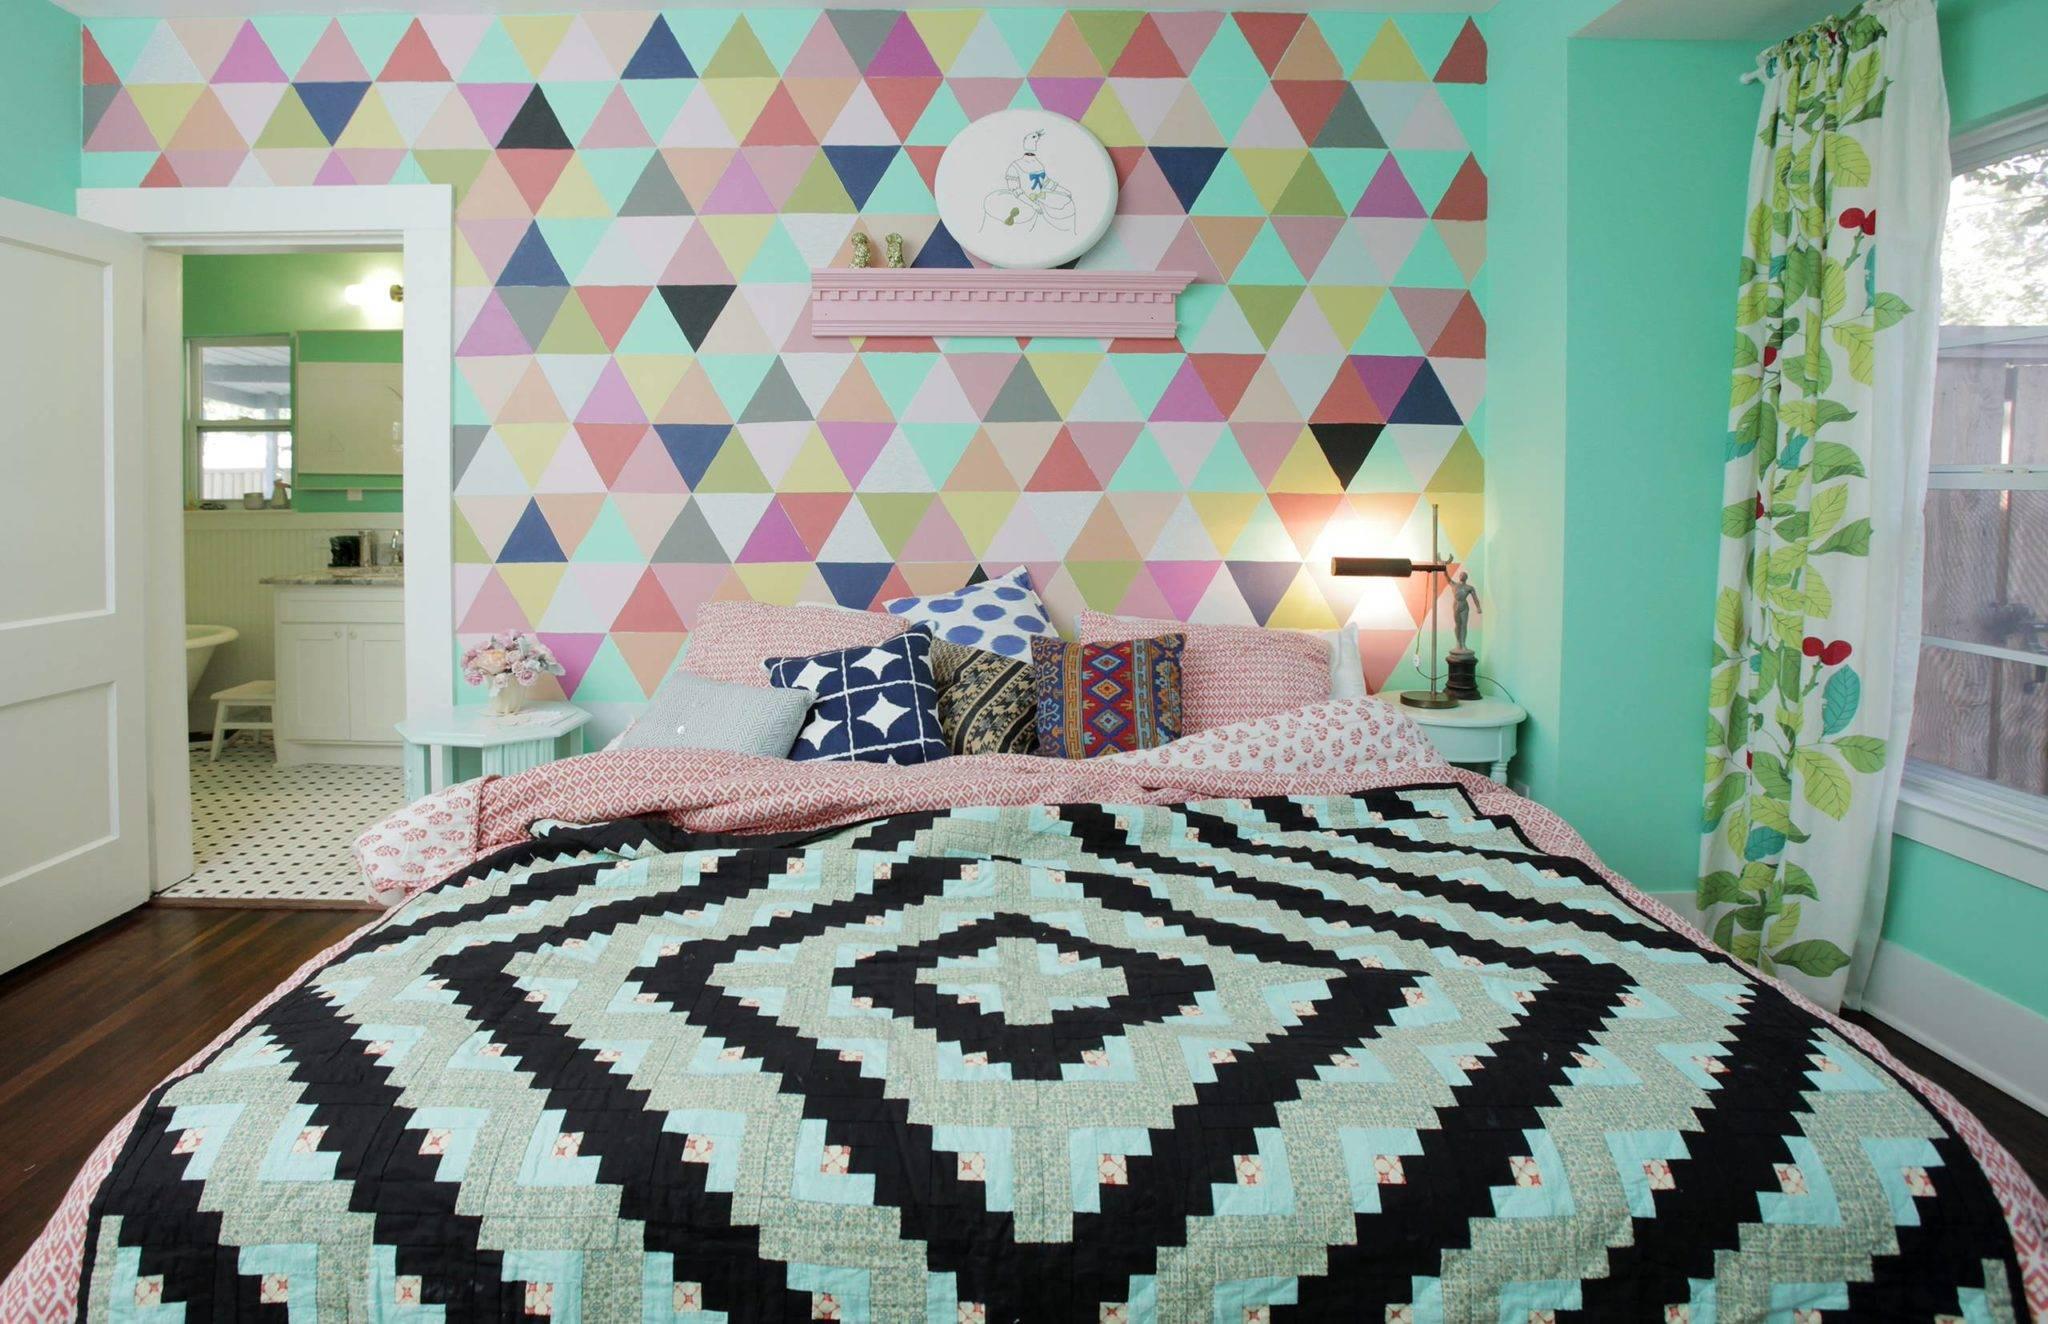 Một phòng ngủ màu xanh ngọc tươi sáng được tôn lên bởi bức tường có điểm nhấn địa lý được hoàn thiện bằng cách sử dụng giấy dán tường hoặc giấy dán tường. Các mẫu hỗn hợp trên bộ đồ giường chần bông và rèm cửa màu xanh lá cây hoàn thiện kế hoạch trang trí cho phòng ngủ sôi động này.